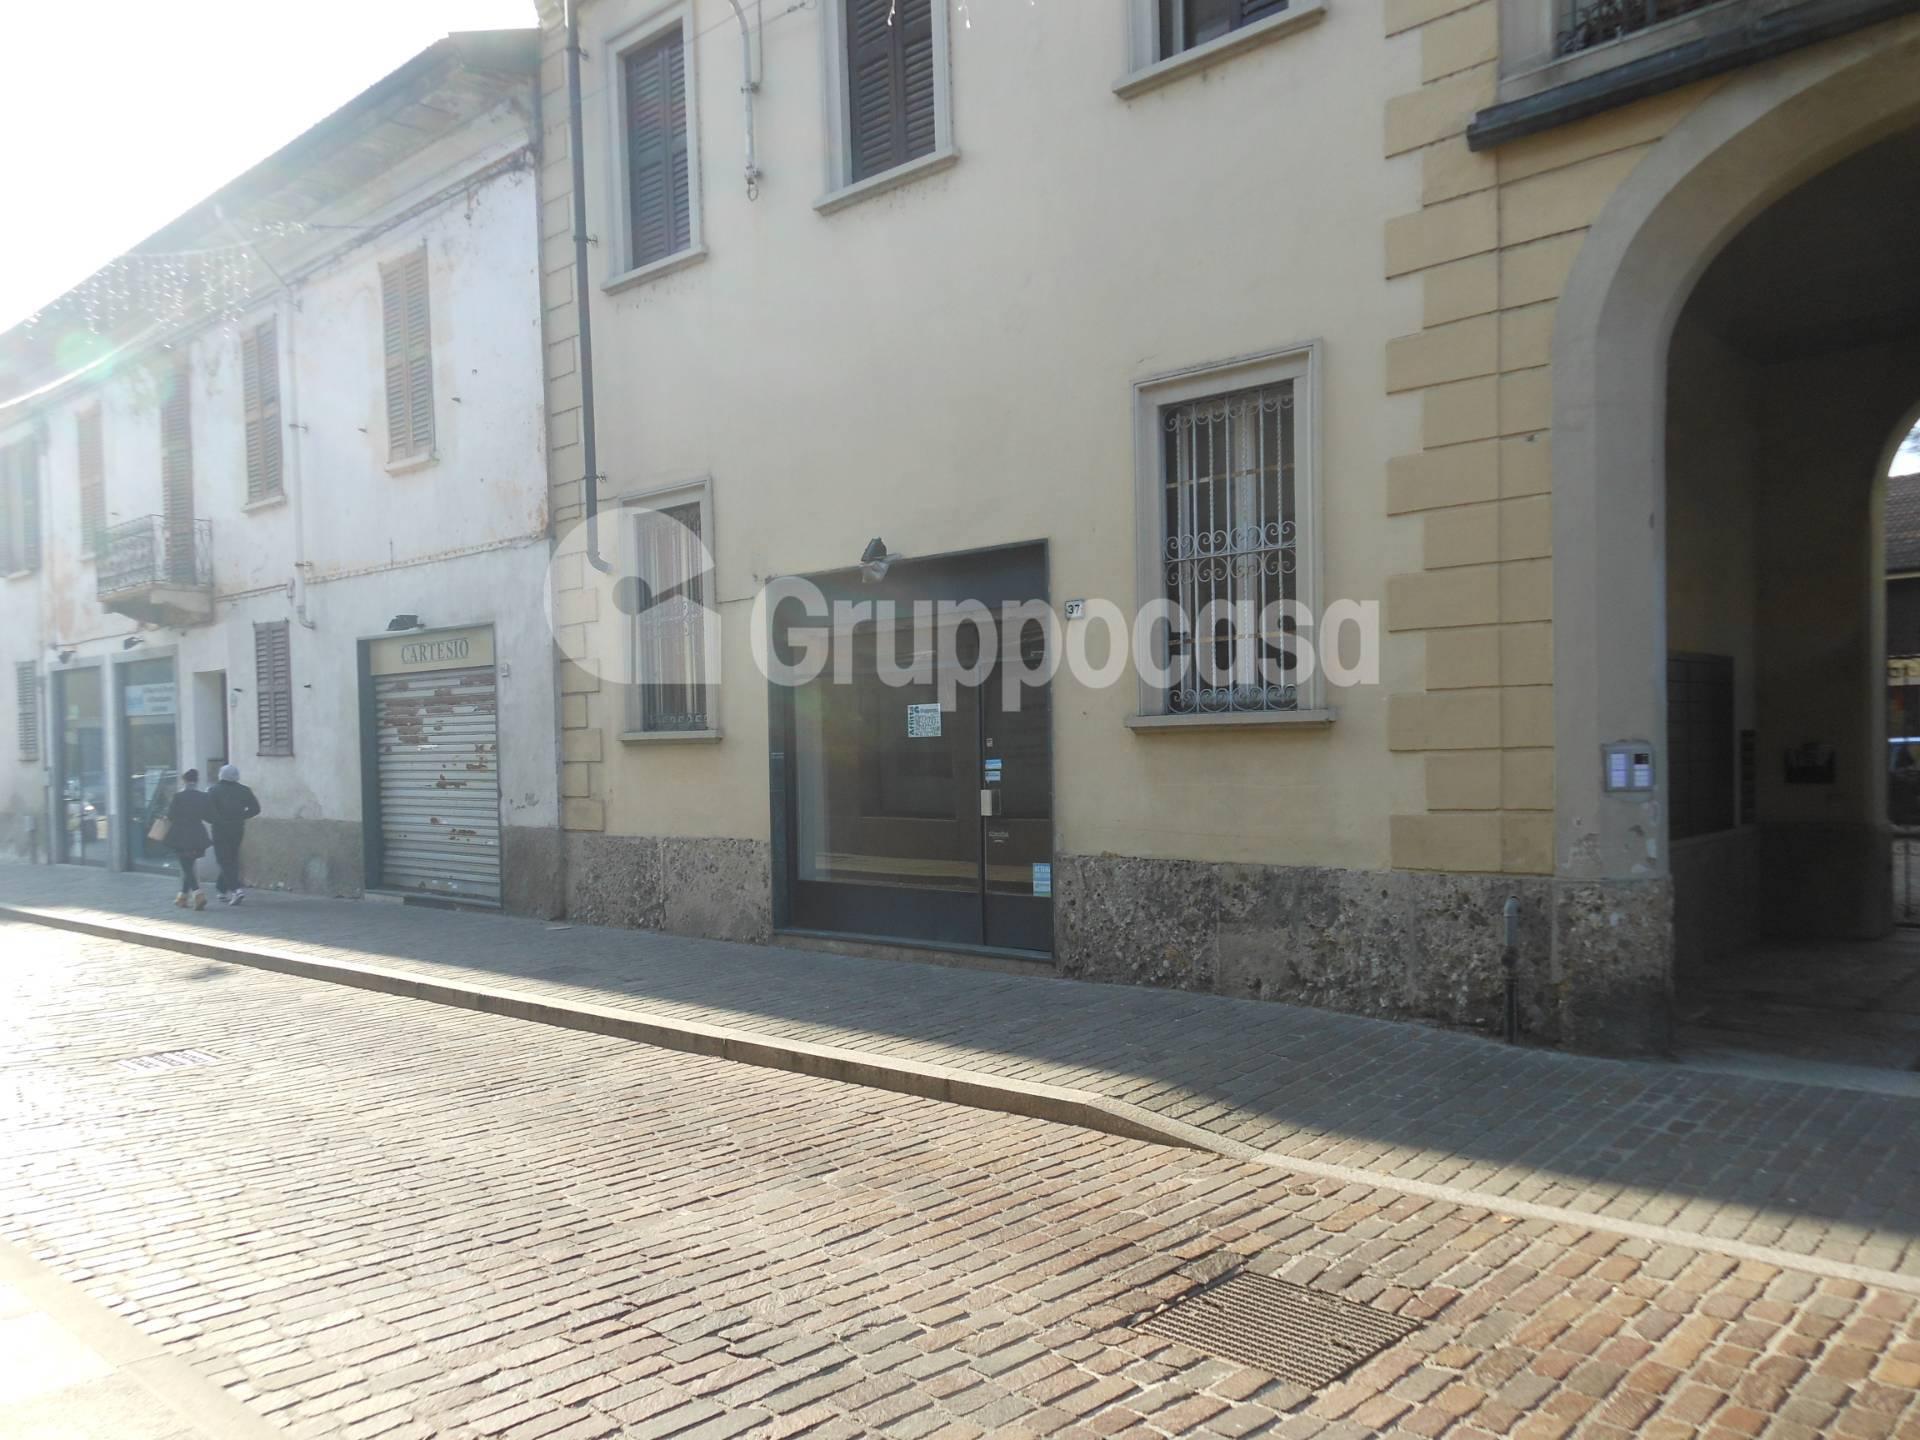 Negozio / Locale in affitto a Magenta, 9999 locali, prezzo € 650 | PortaleAgenzieImmobiliari.it